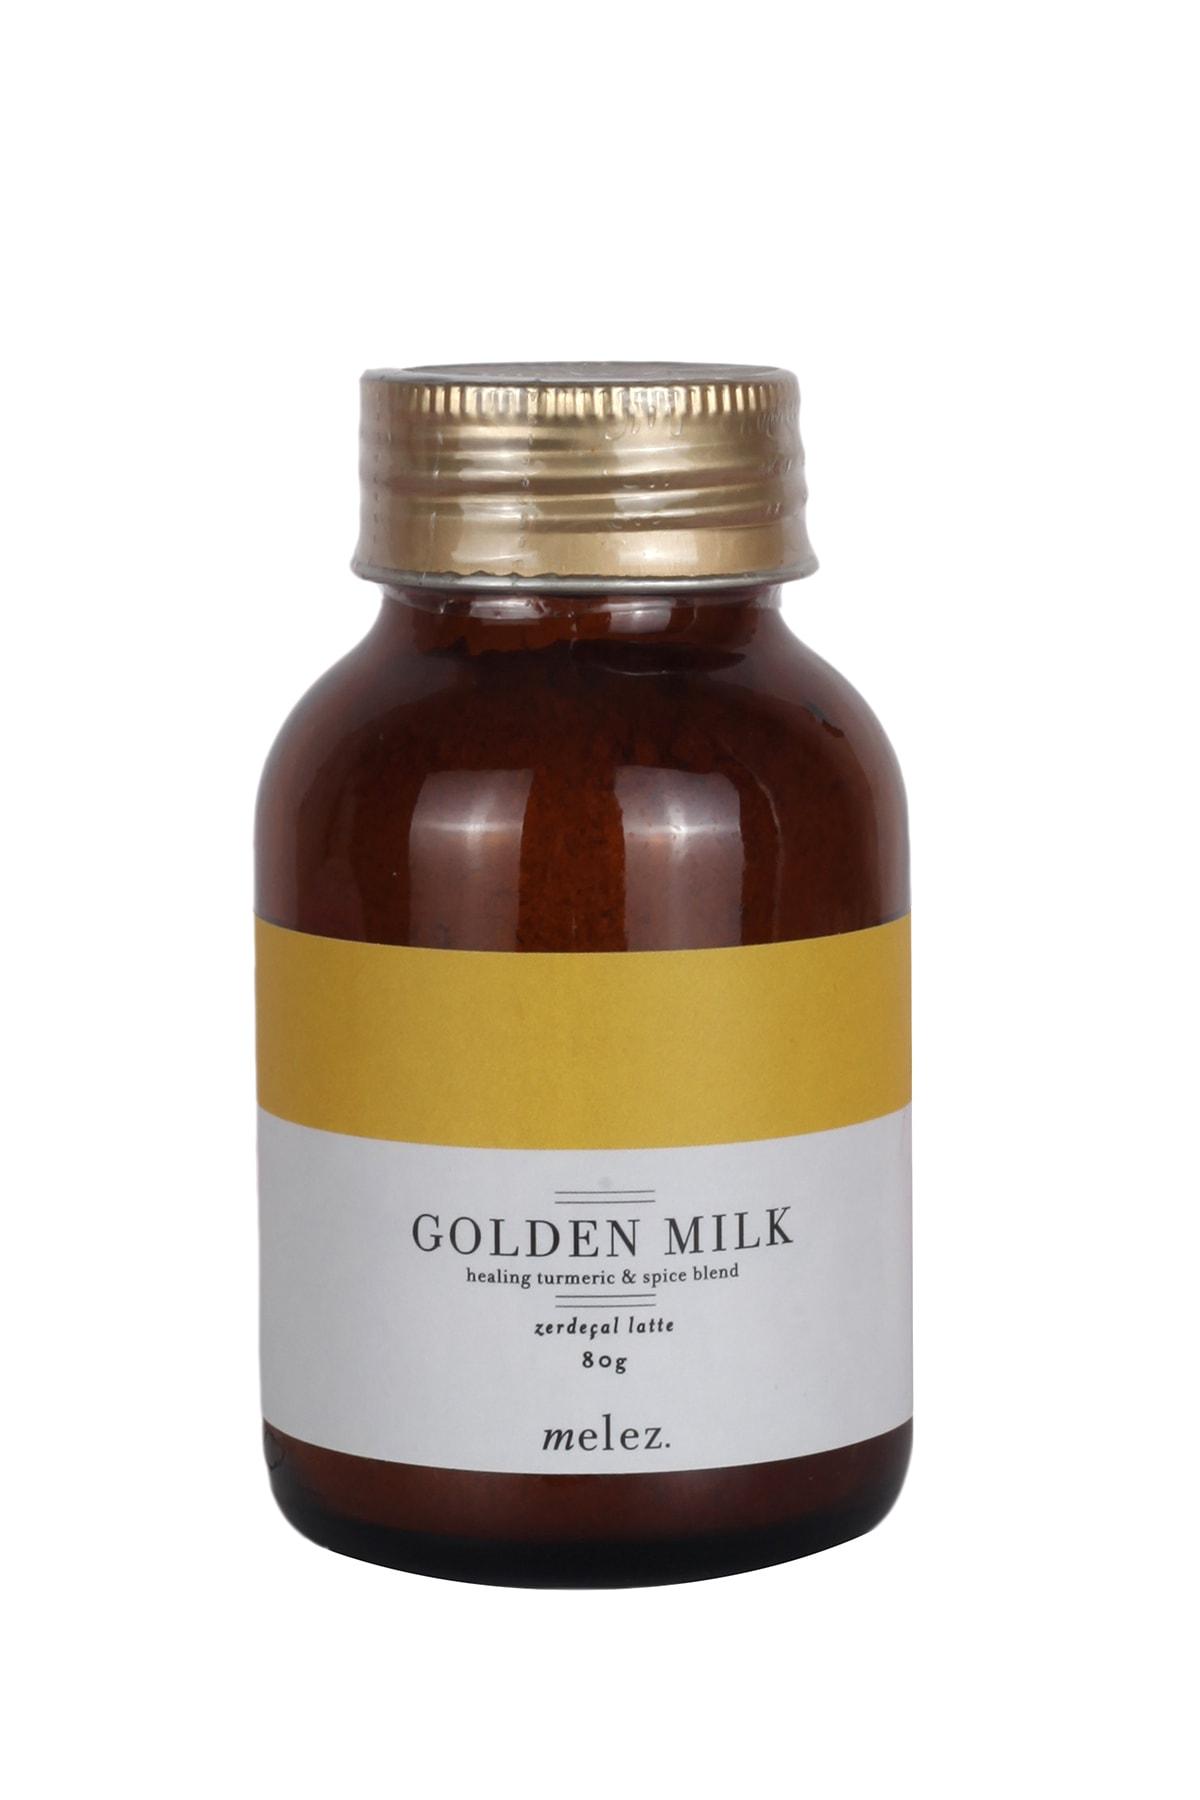 Melez Tea Melez Golden Milk ( Zerdaçal Özel Karışım Toz  )